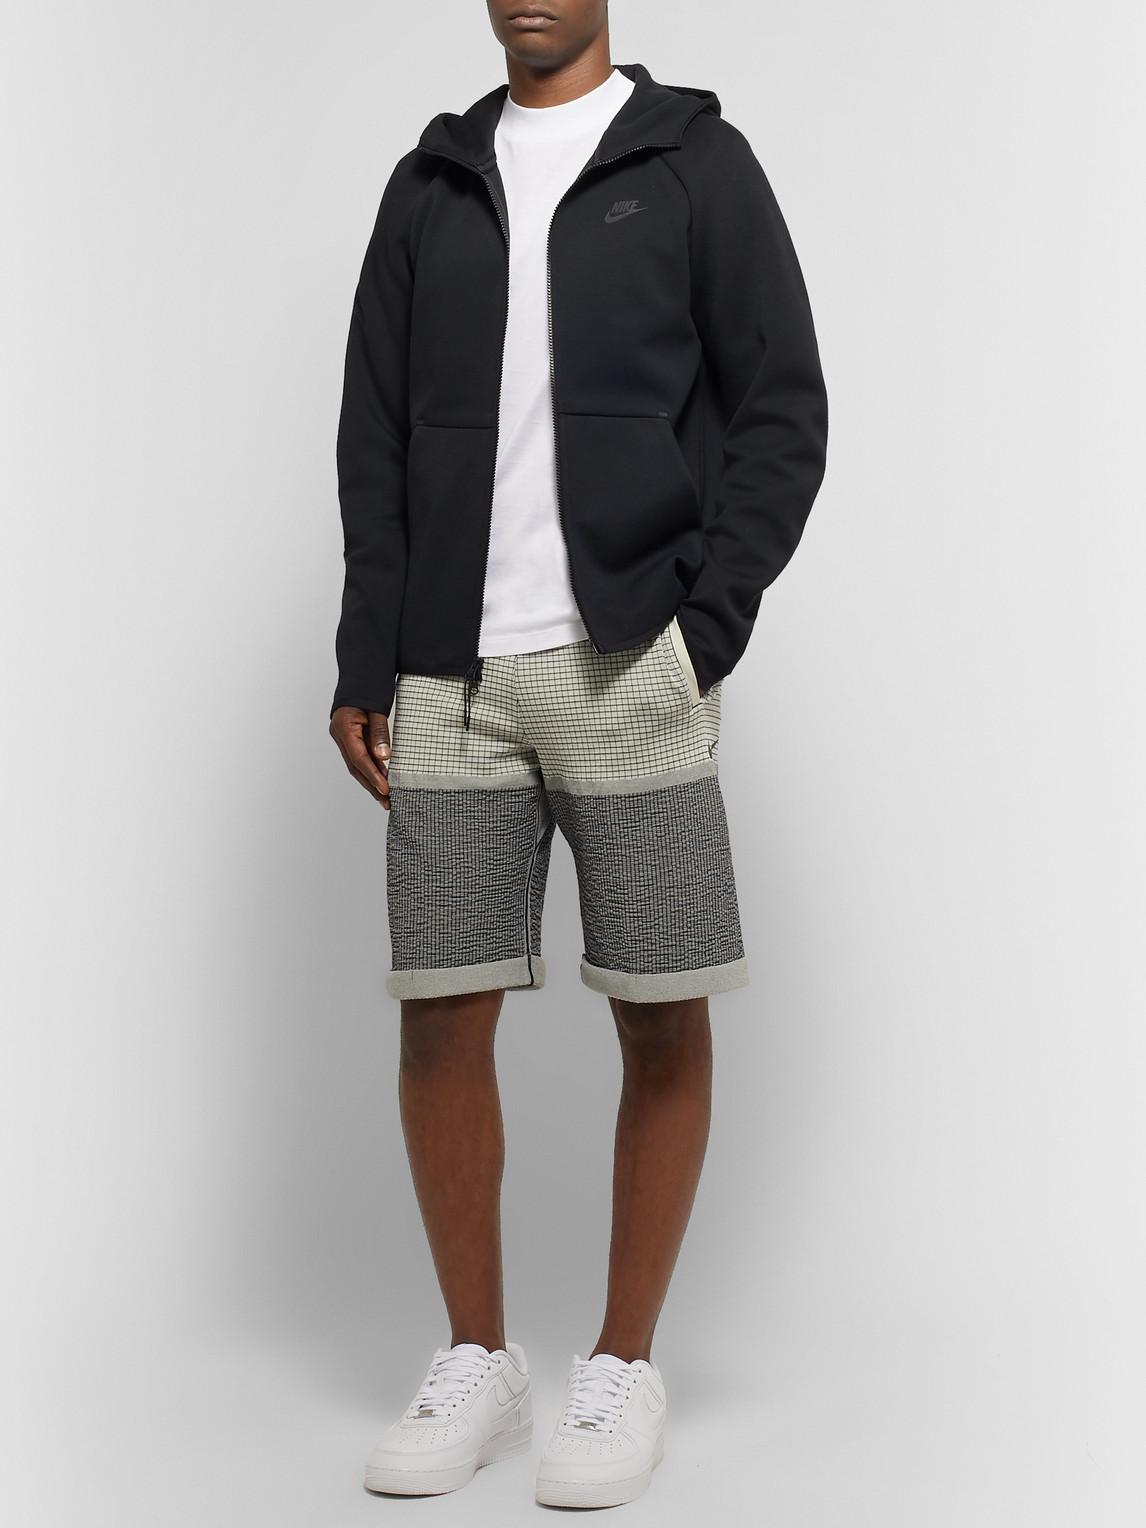 Nike Knitwear SPORTSWEAR TECH PACK KNITTED SHORTS